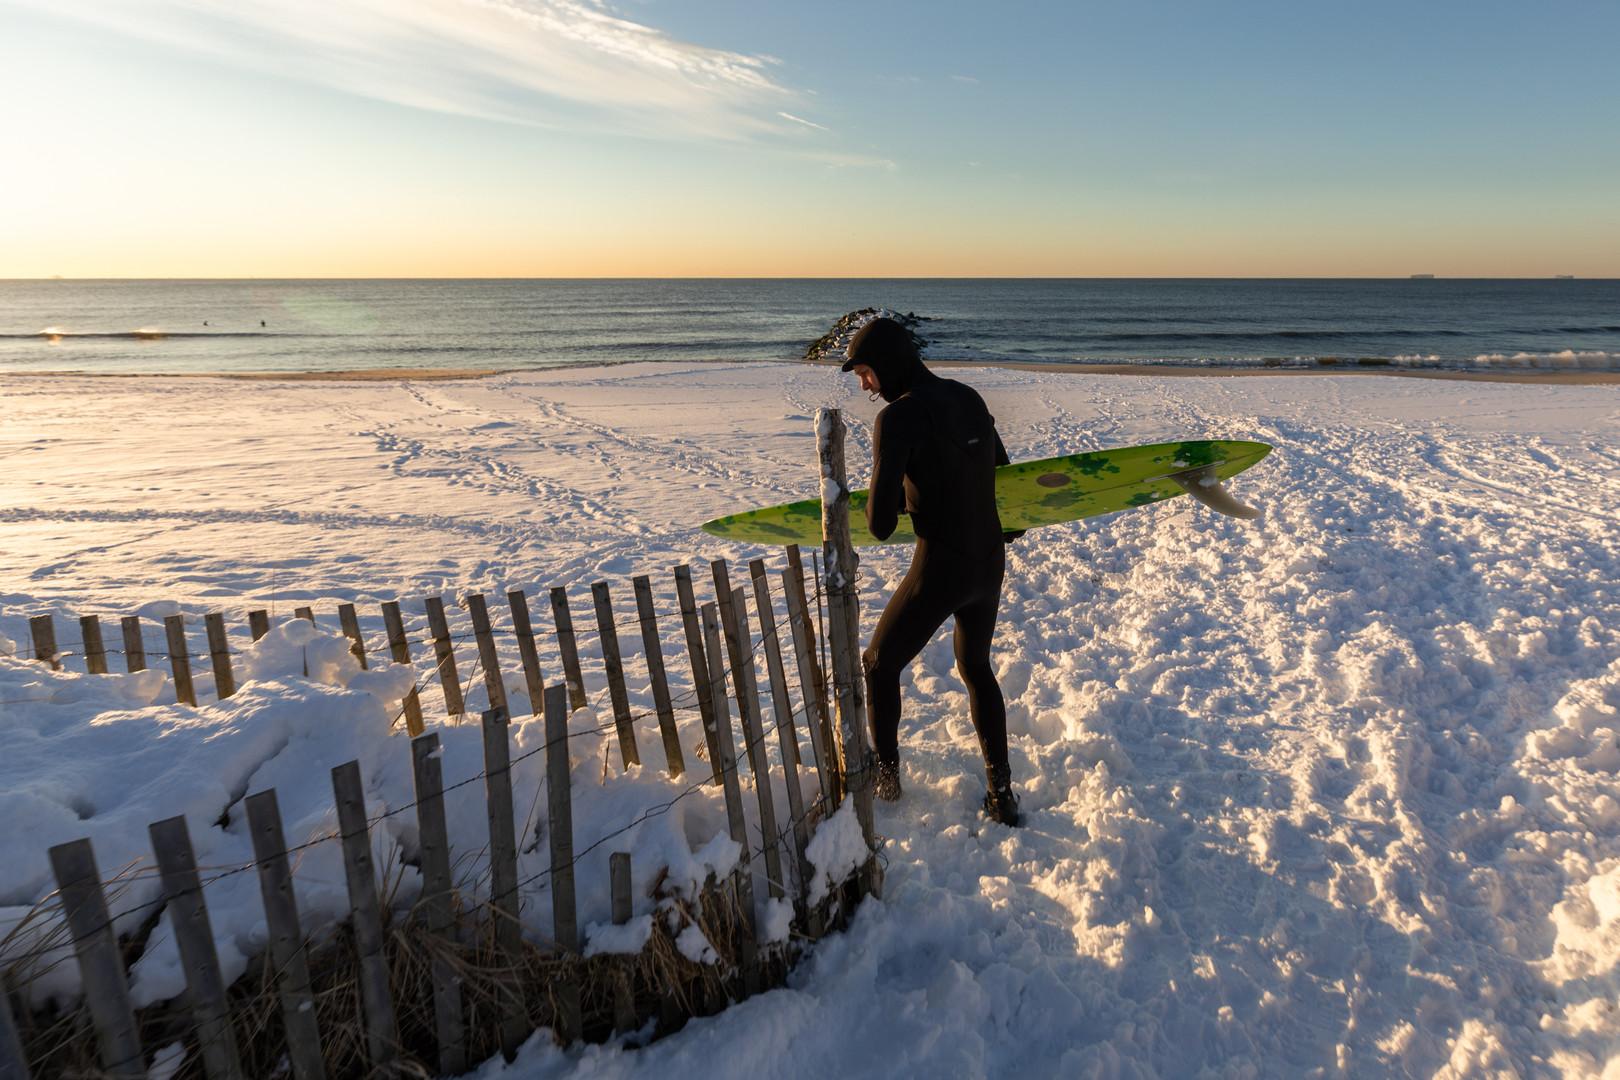 210208-Moran-MTucker-Winter_Surf (3 of 2